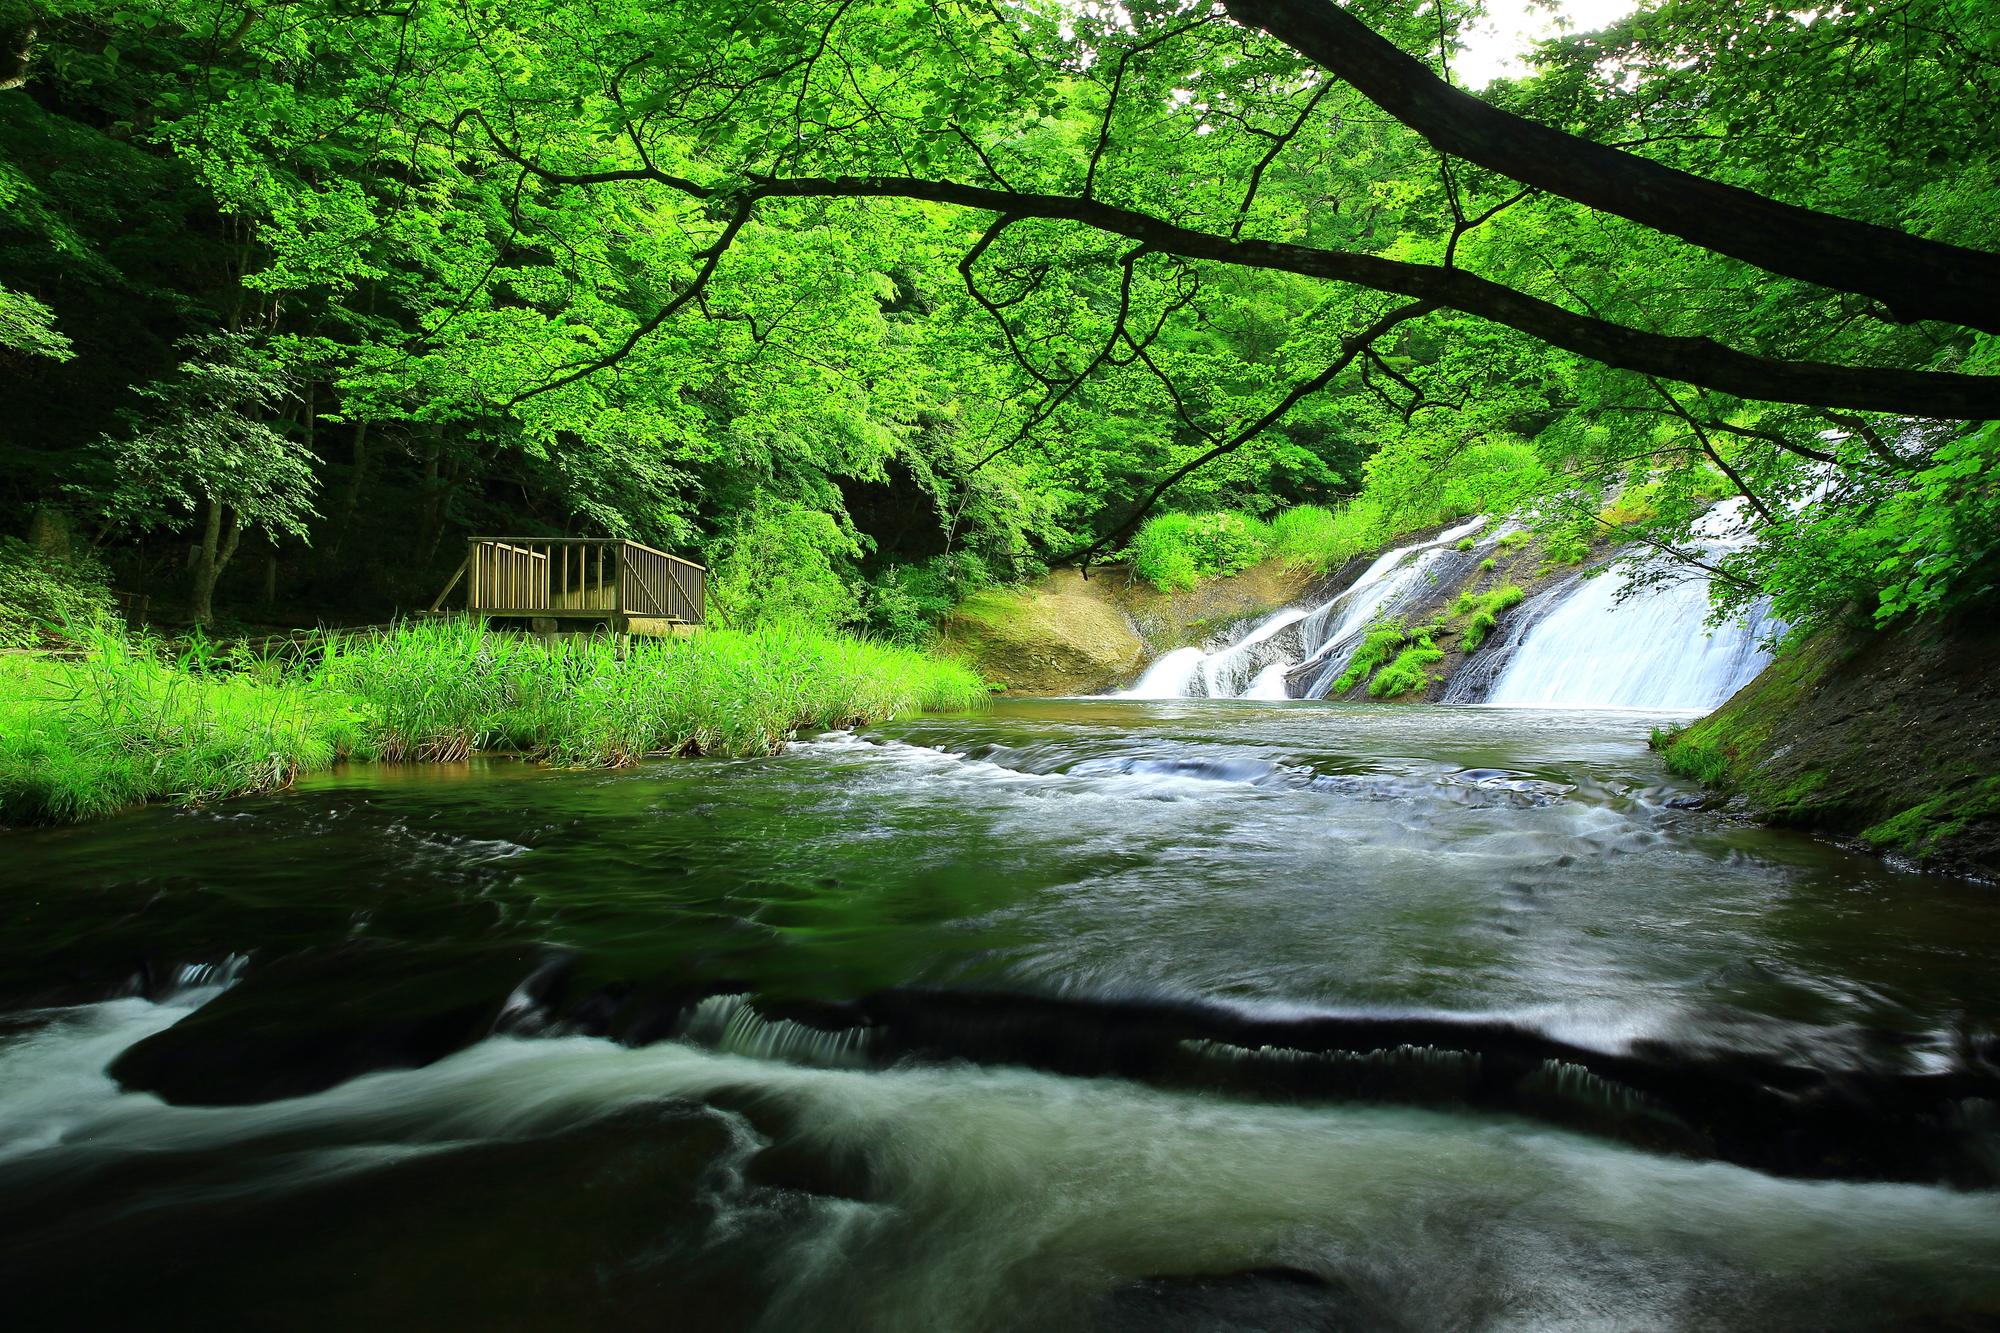 【大沢温泉】 綺麗な花々や遊びがいっぱいのレジャー型温泉地